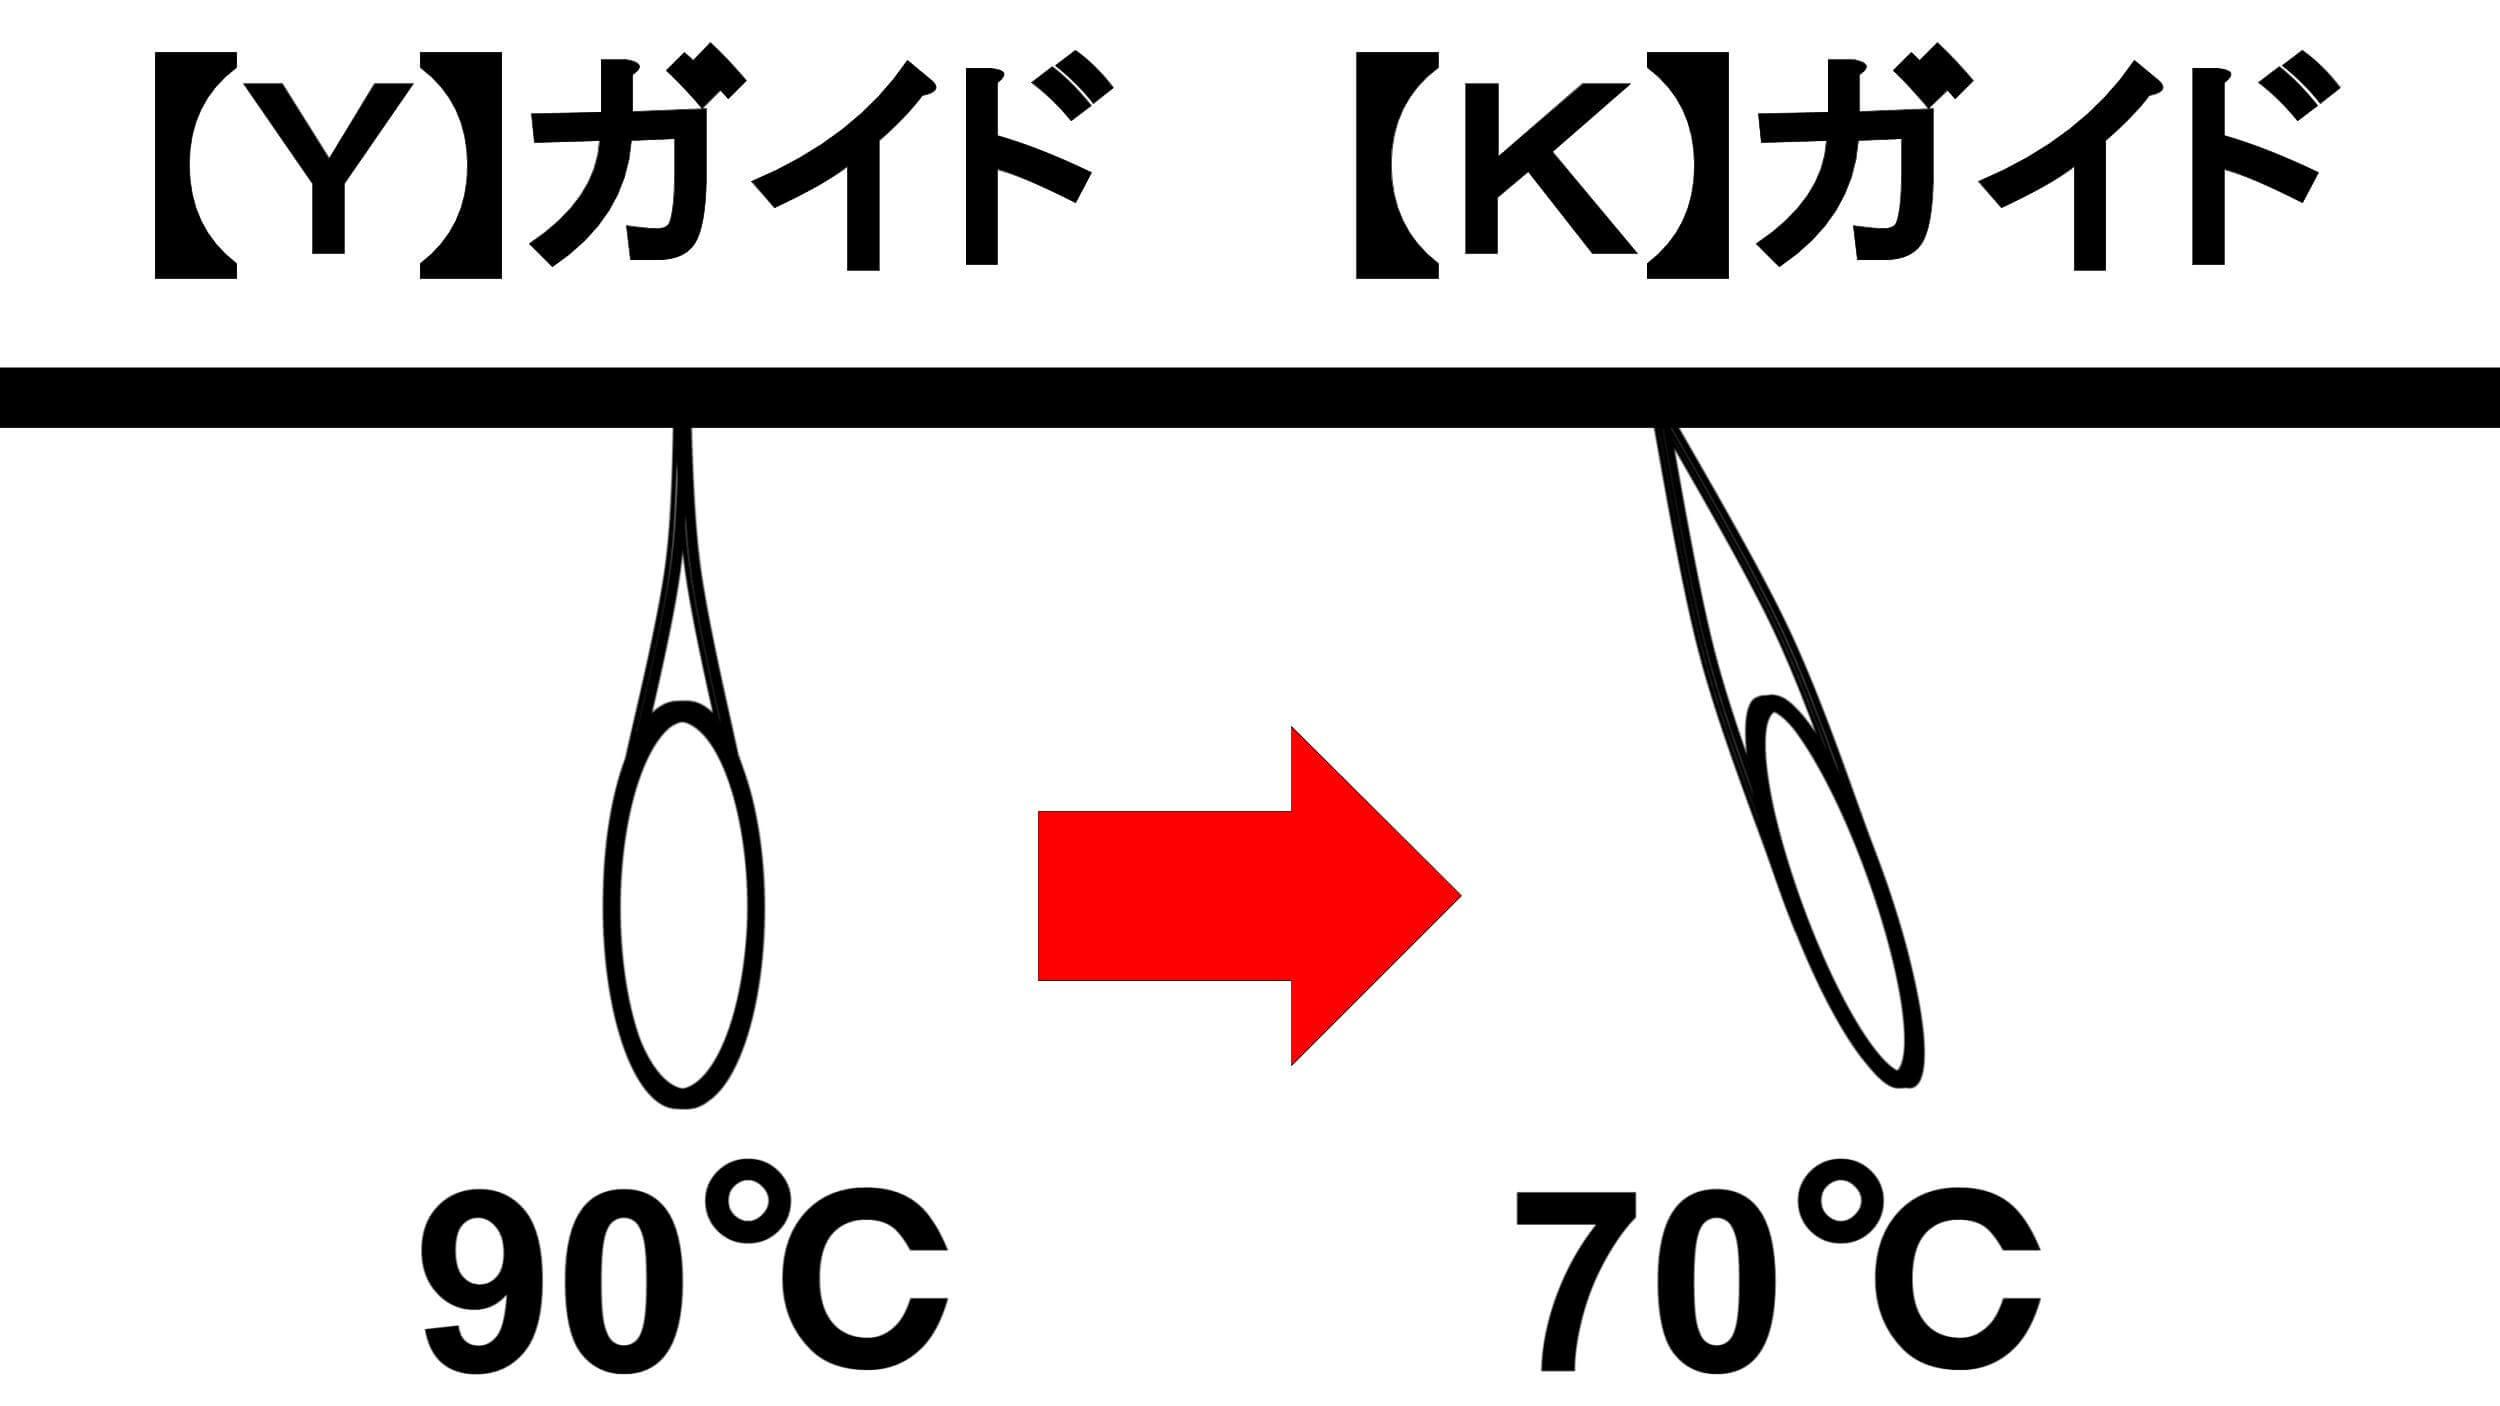 ガイド形状角度比較 【Y】と【K】